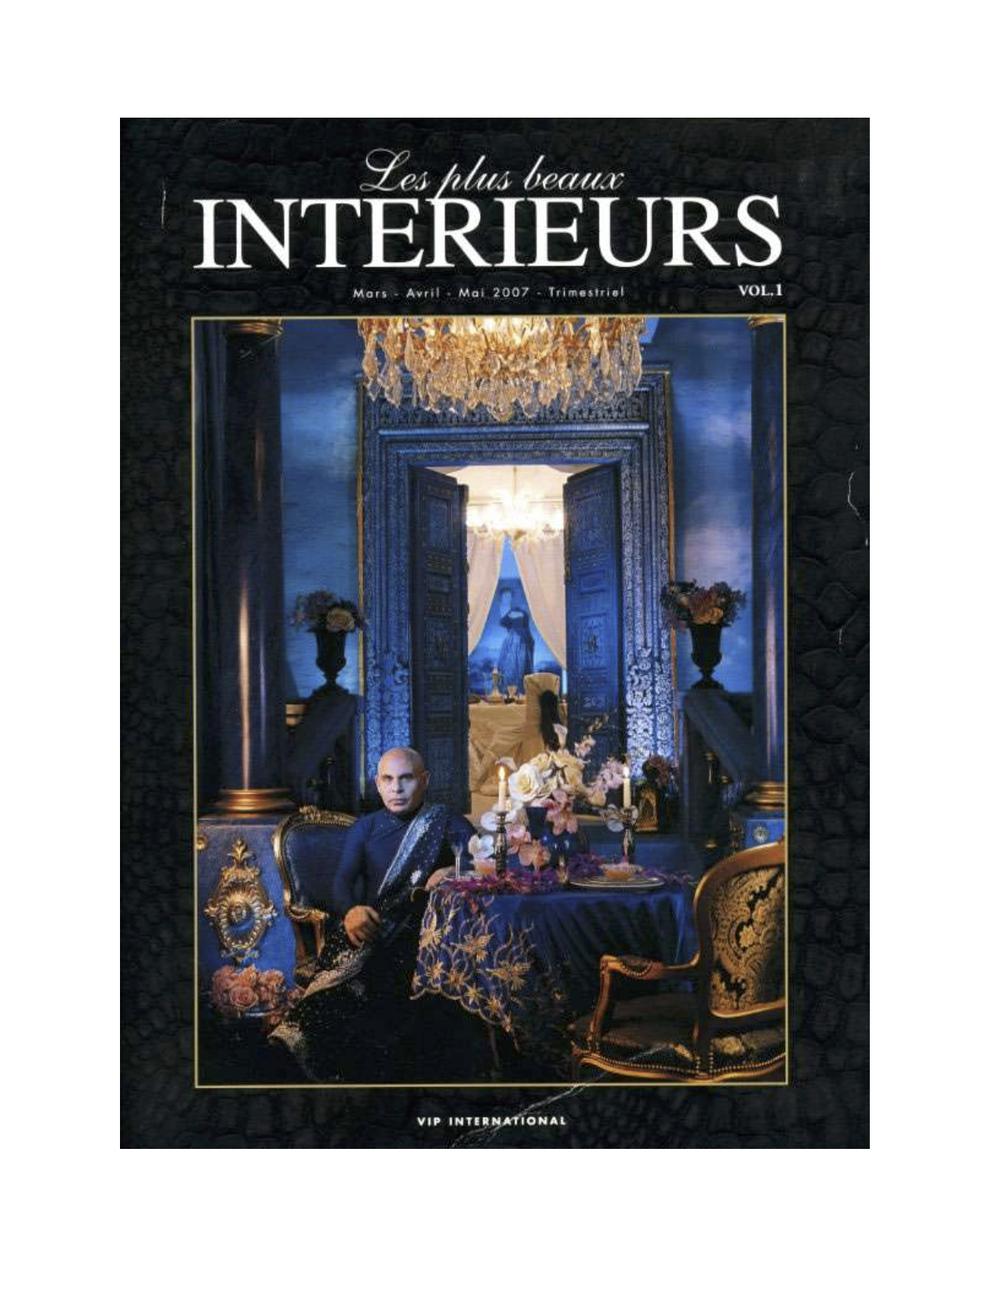 Les plus beaux intérieurs Magazine